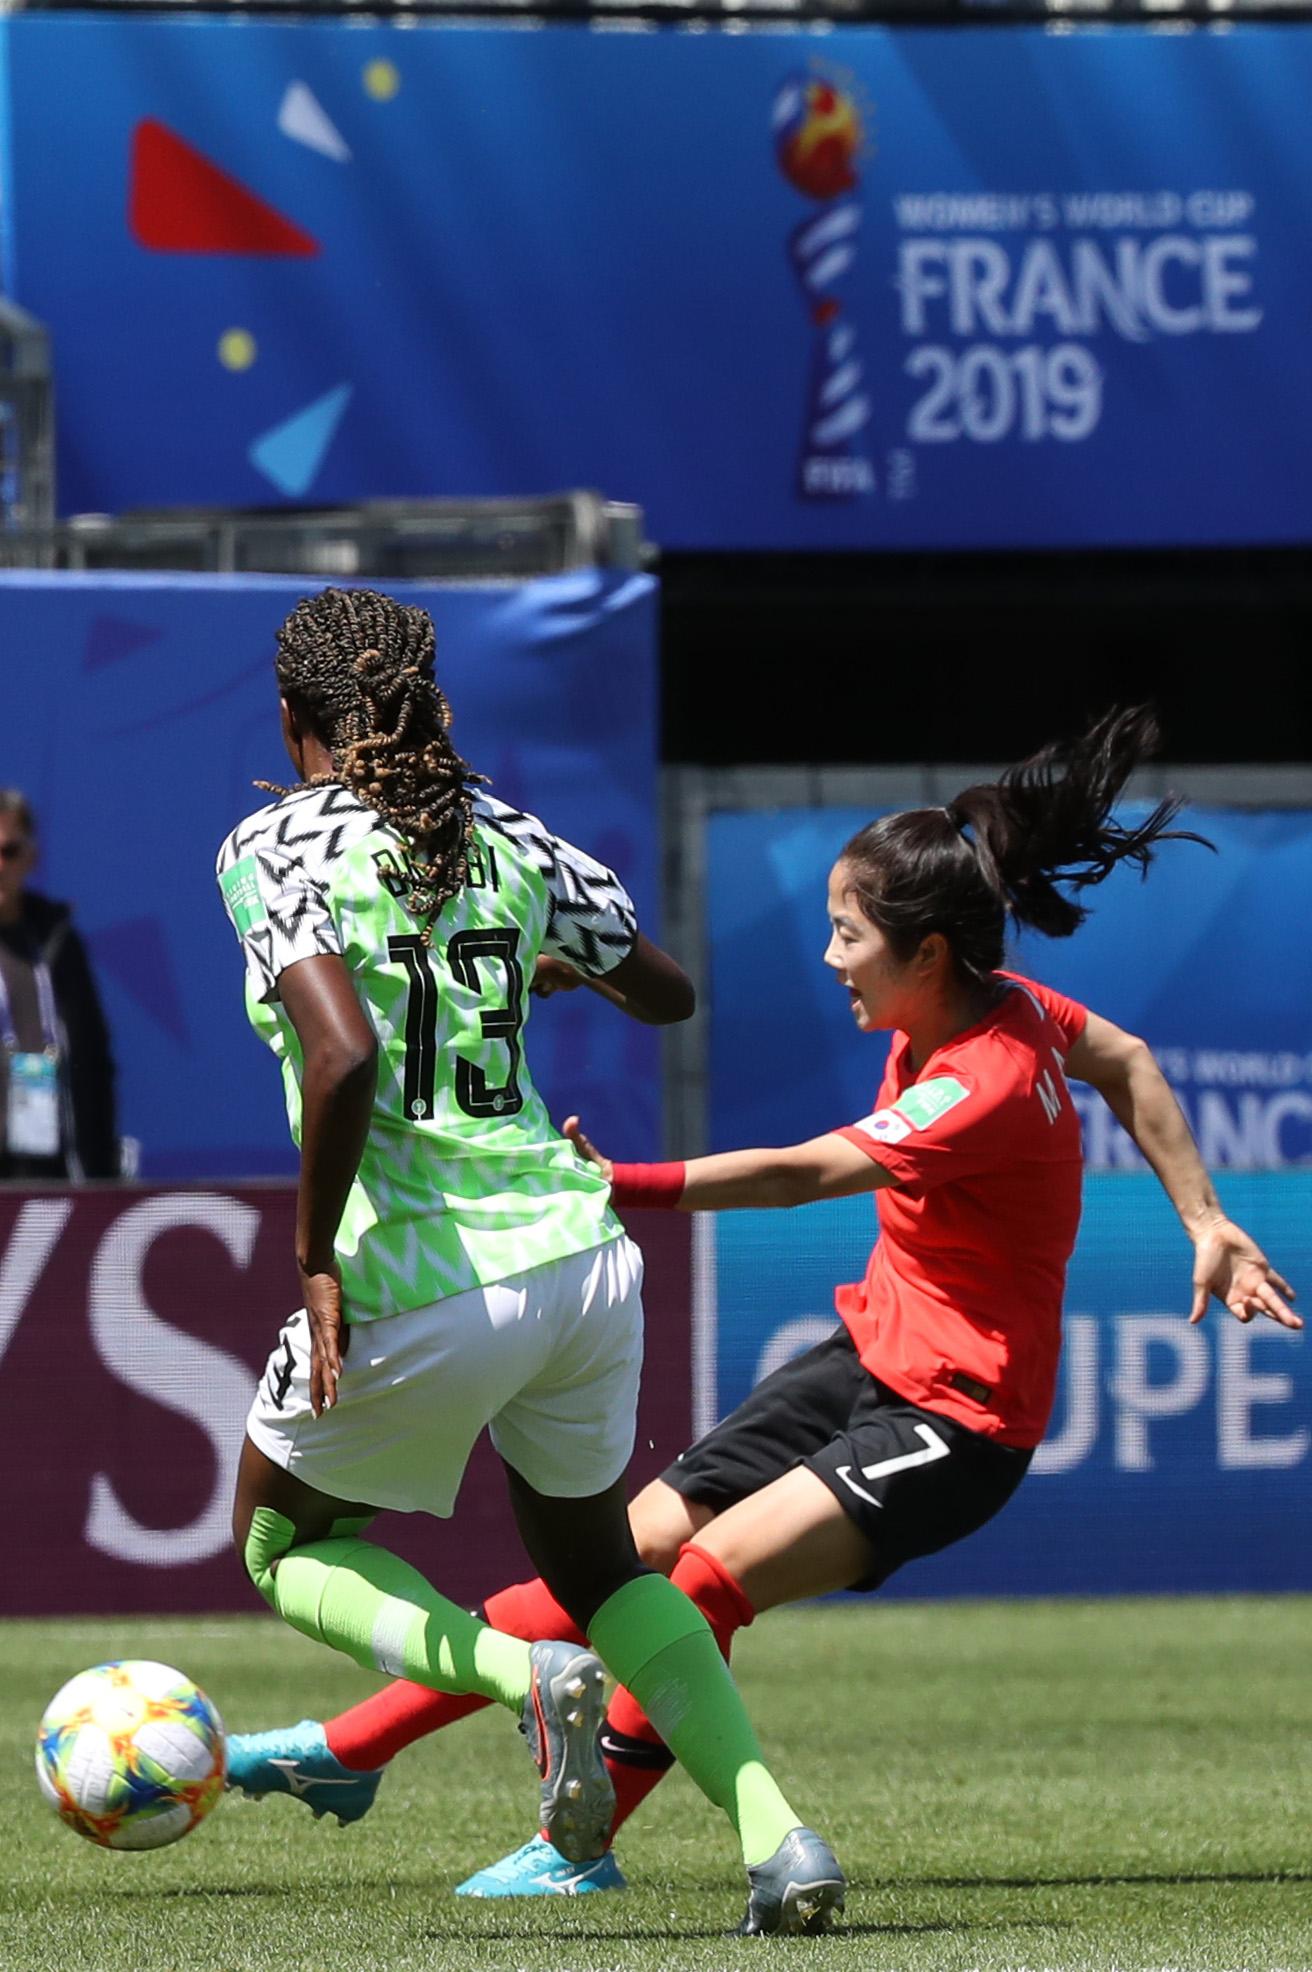 12일 프랑스 그르노블 스타드 데잘프에서 열린 2019 FIFA 프랑스 여자 월드컵 조별리그 A조 2차전 한국과 나이지리아의 경기. 한국 이민아가 슛하고 있다. [연합뉴스]